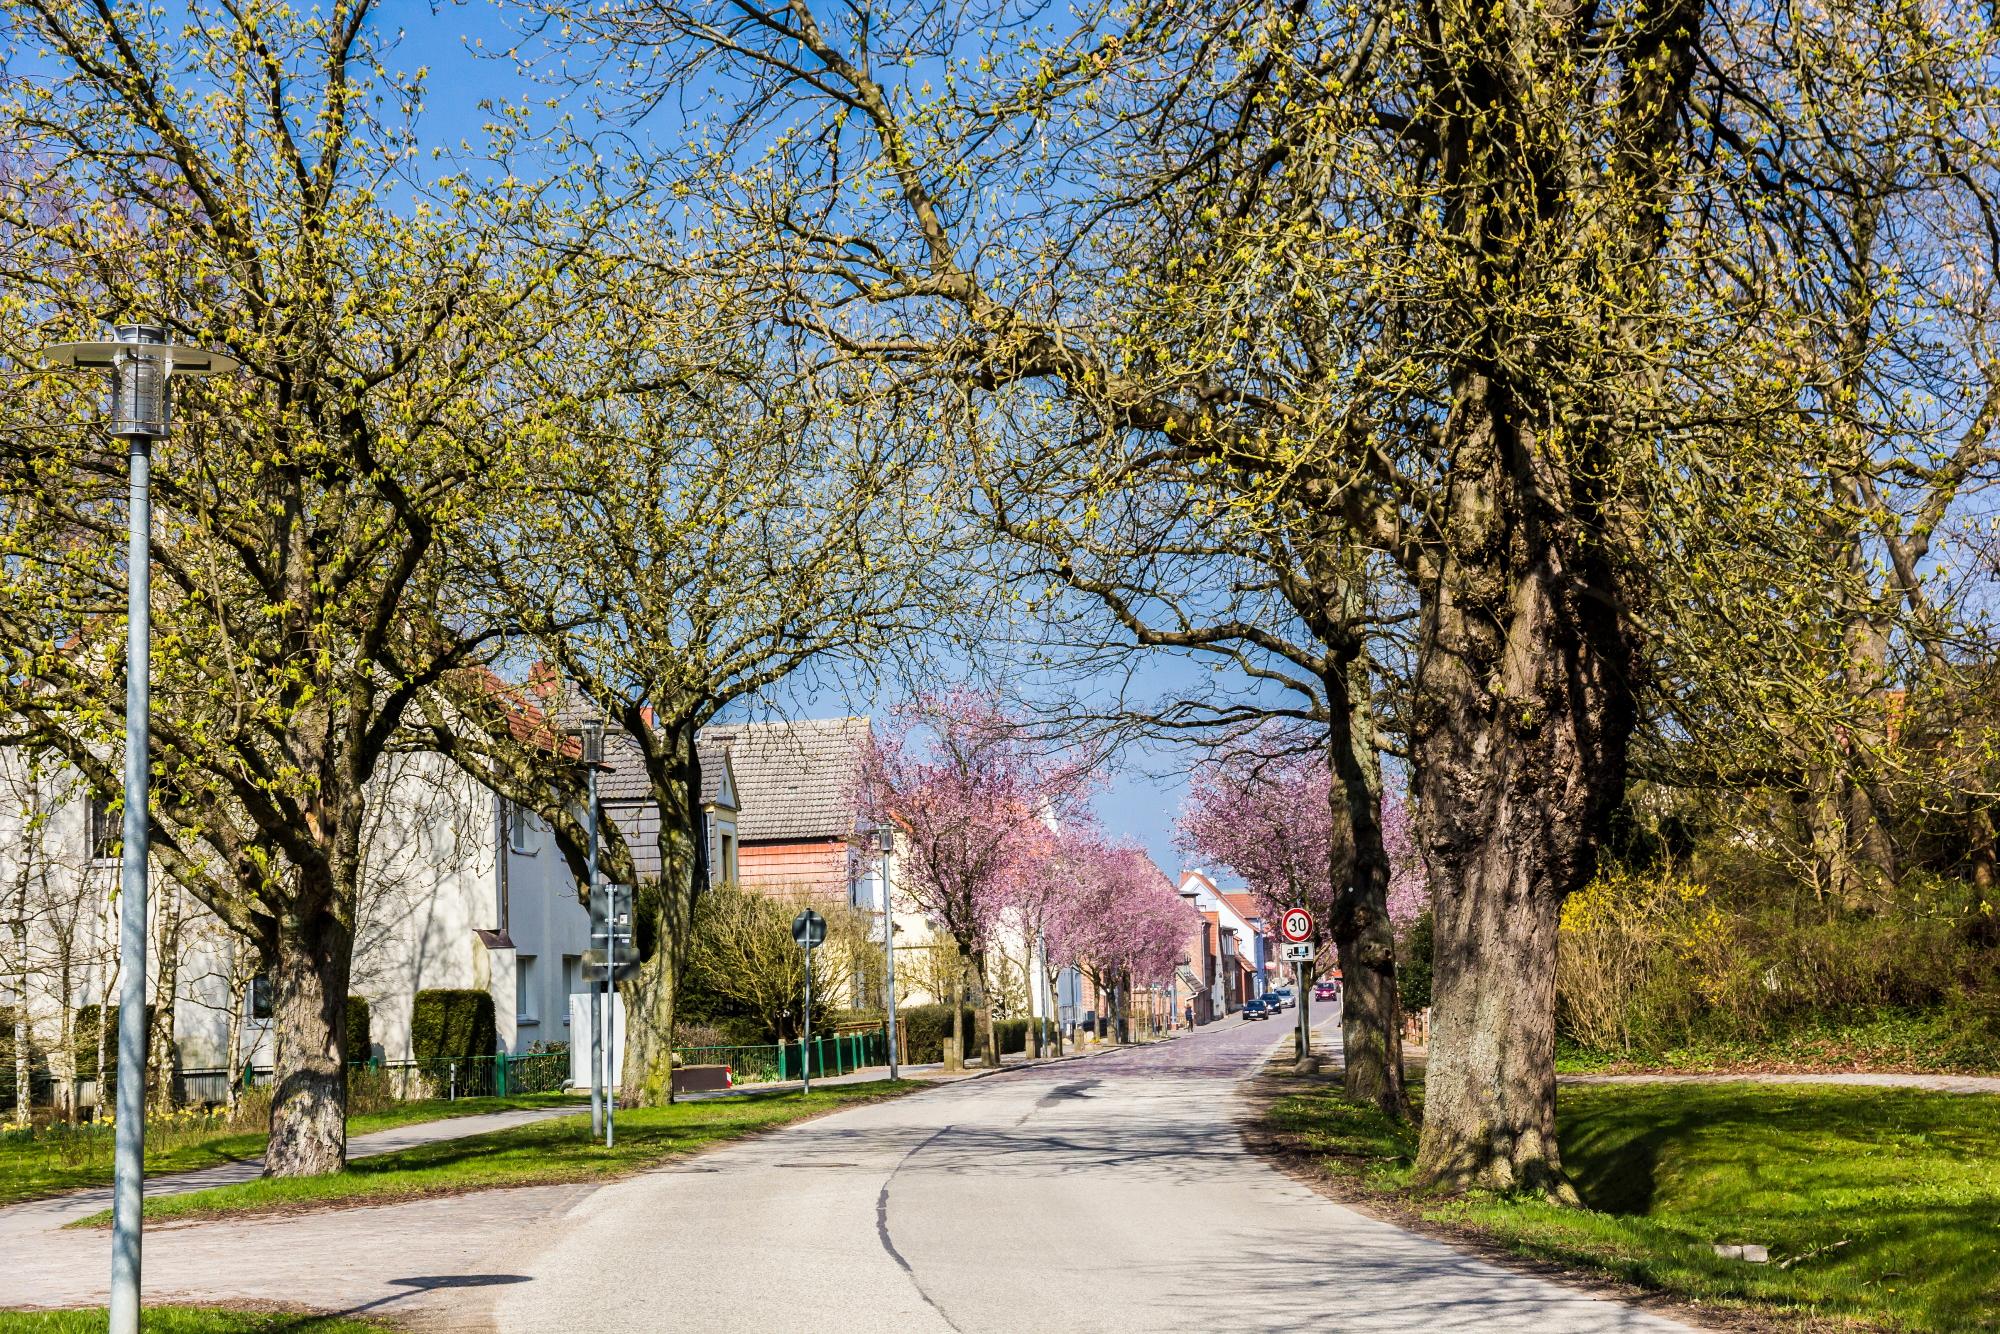 Schloßstraße in der Frühlingssonne – Kastanien zeigen ihr erstes Grün, Blutpflaumen ihre rosa Blüten